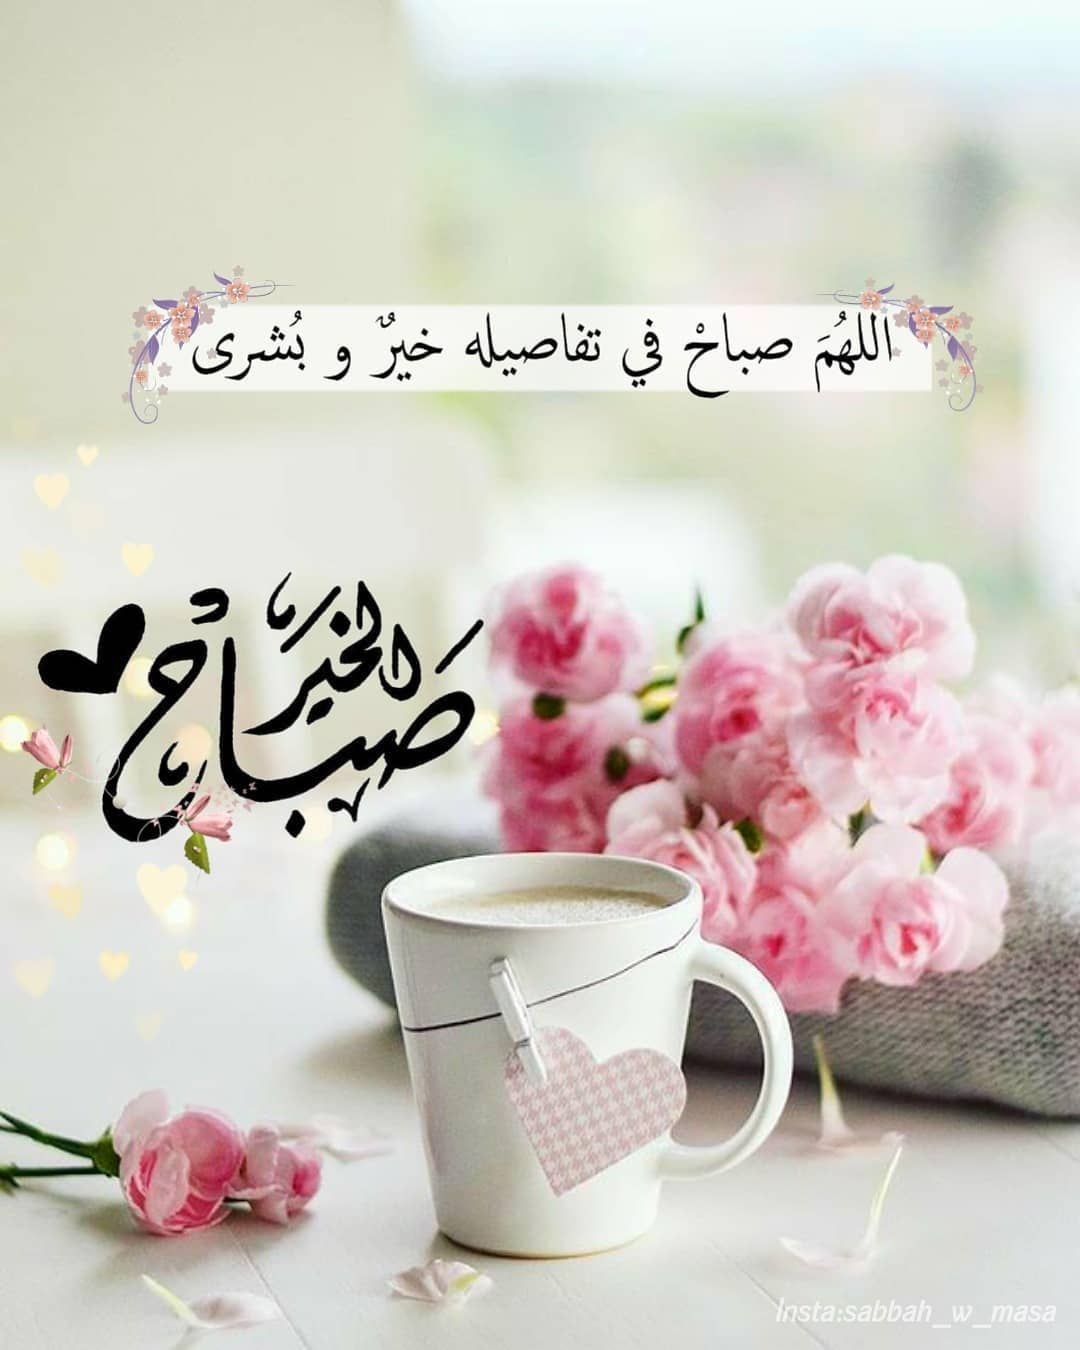 صبح و مساء On Instagram اللهم صباحا في تفاصيله خير وبشرى صباح الخير ص Good Morning Quotes Islamic Images Morning Quotes